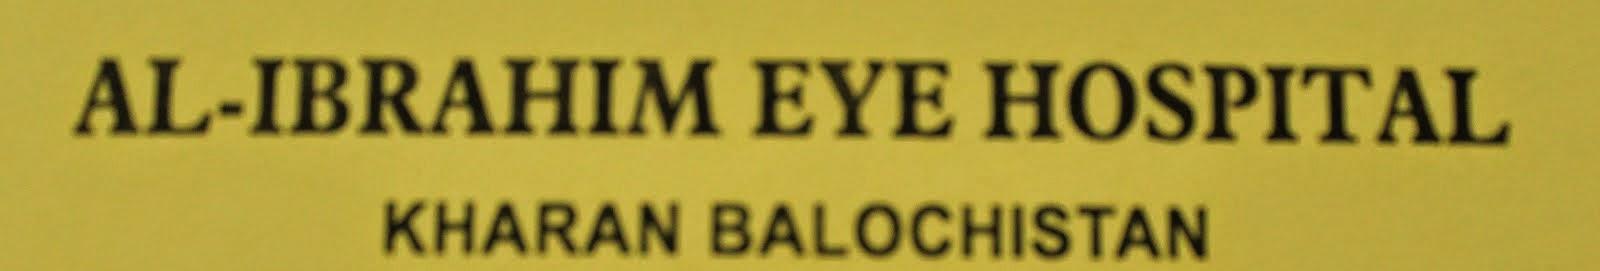 Al Ibrahim Eye Hospital